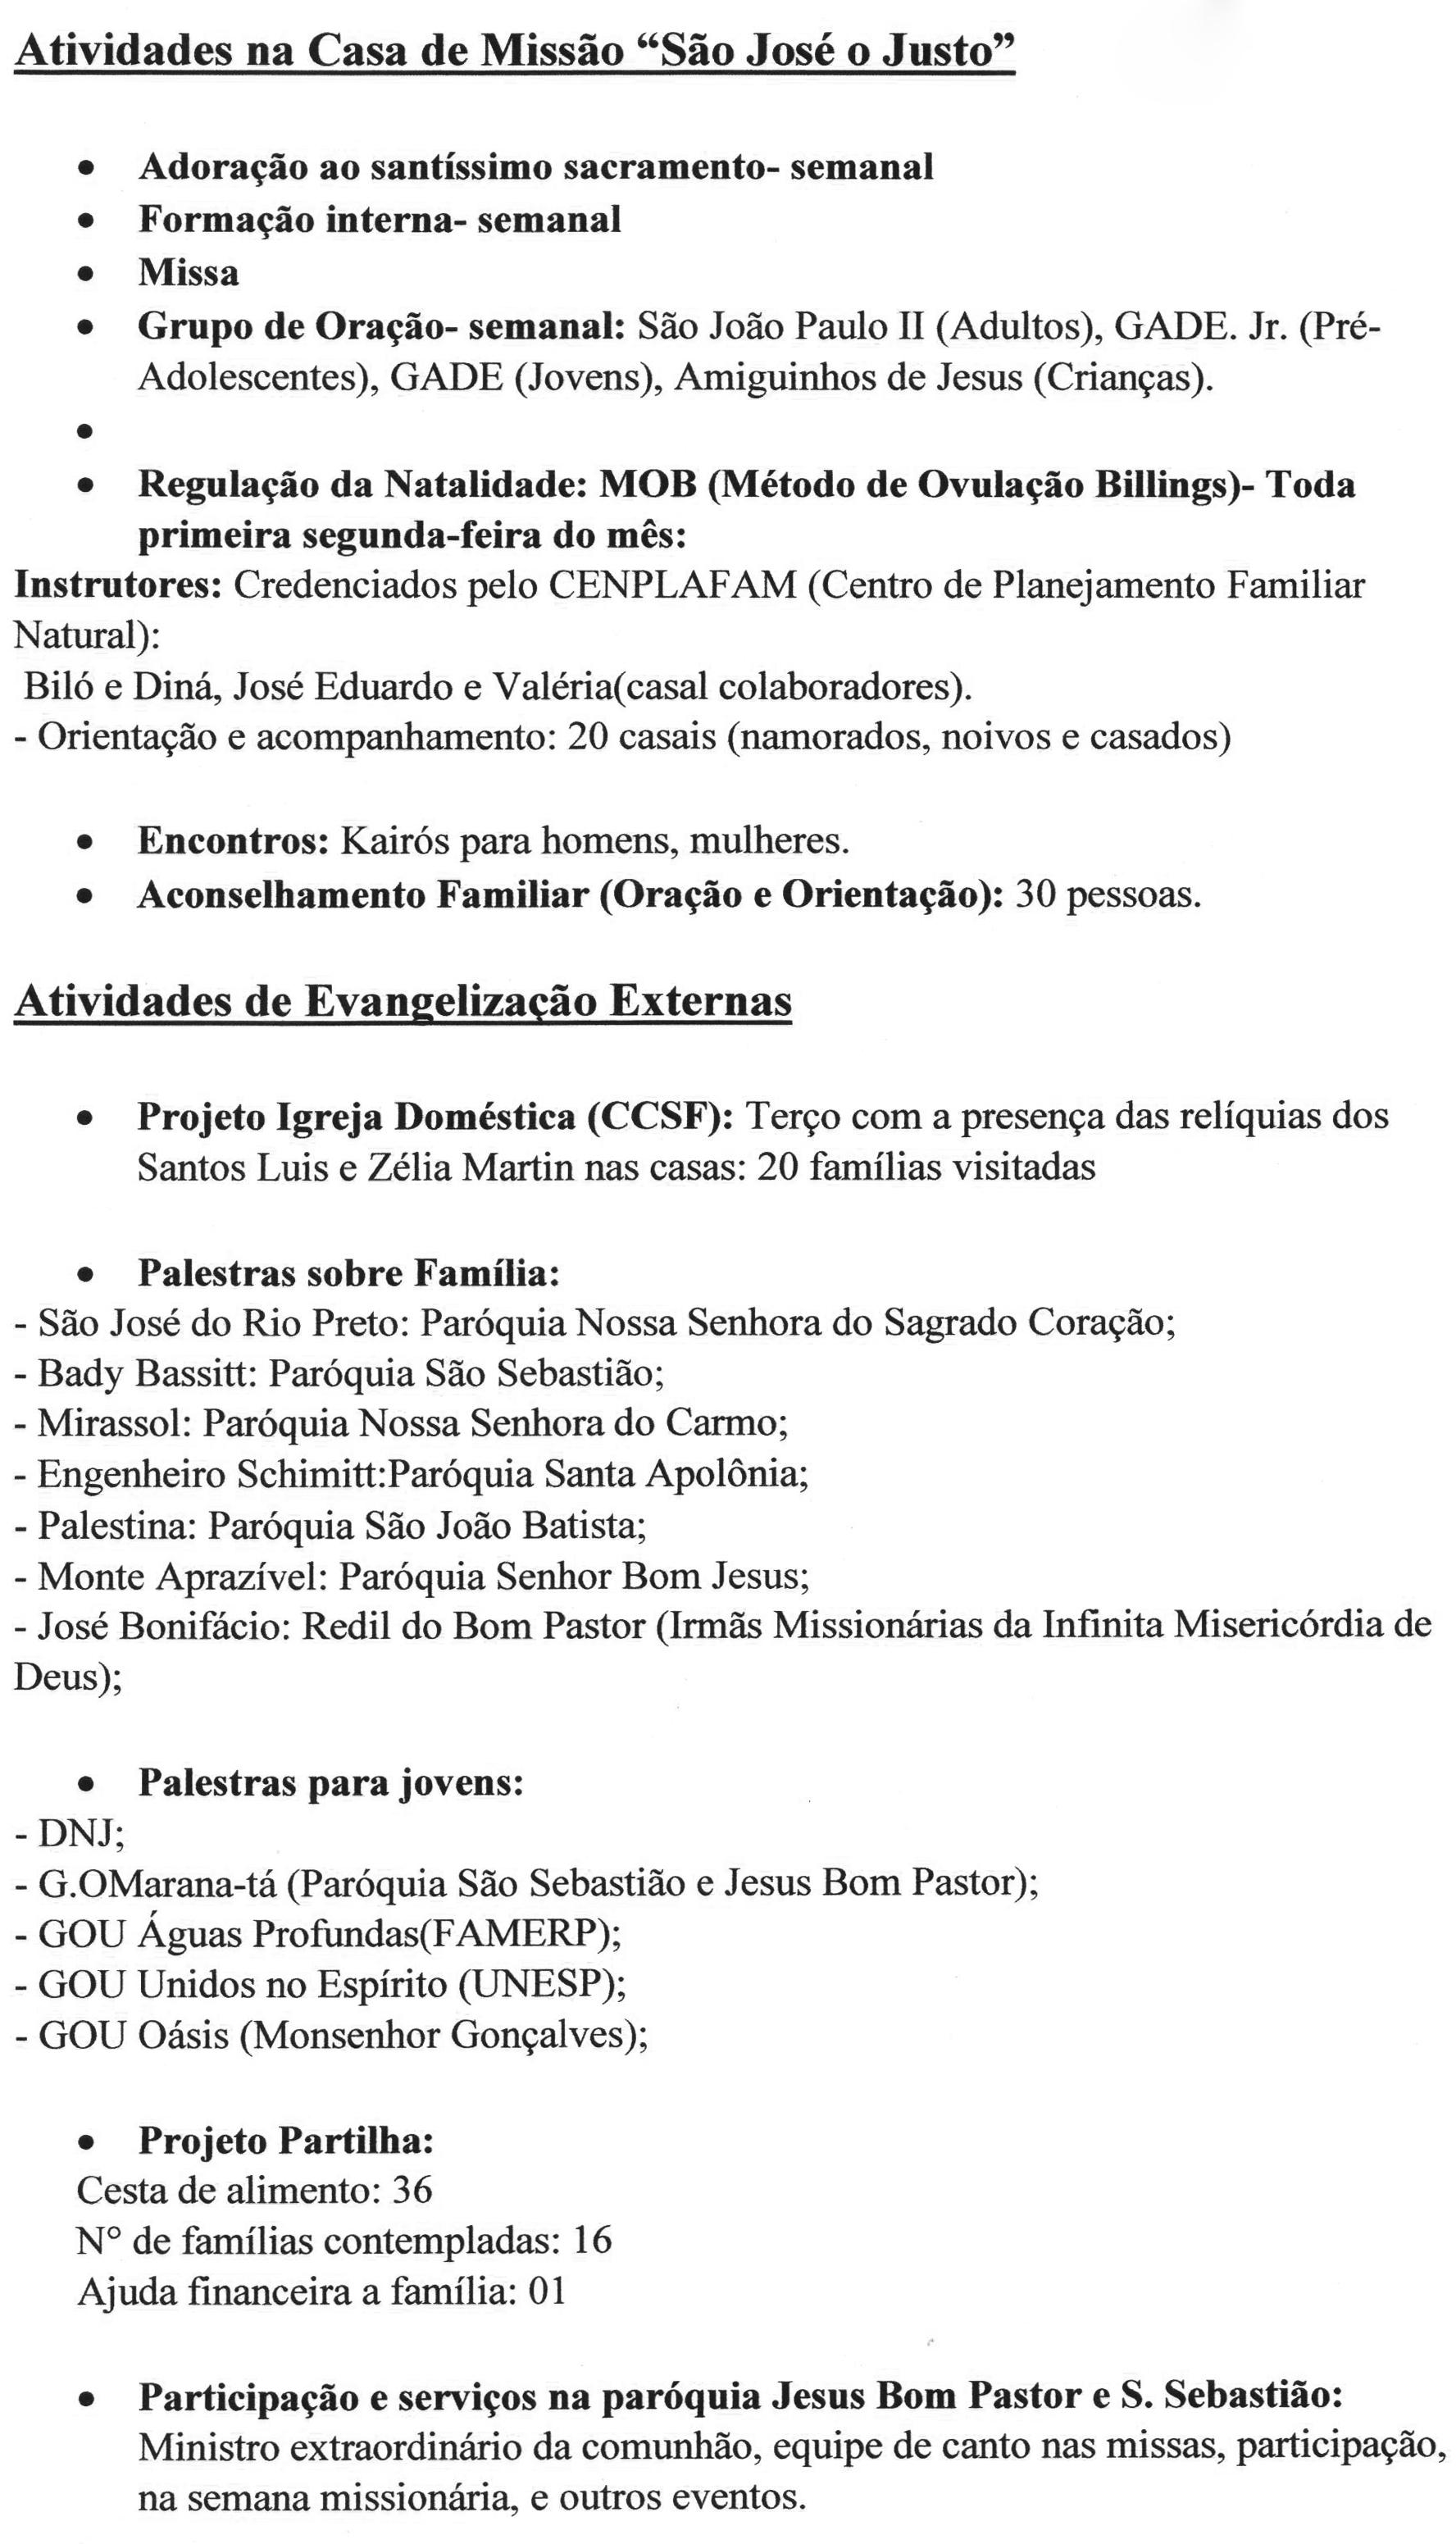 Atividades da Missão Sagrada Família na diocese de São José do Rio Preto